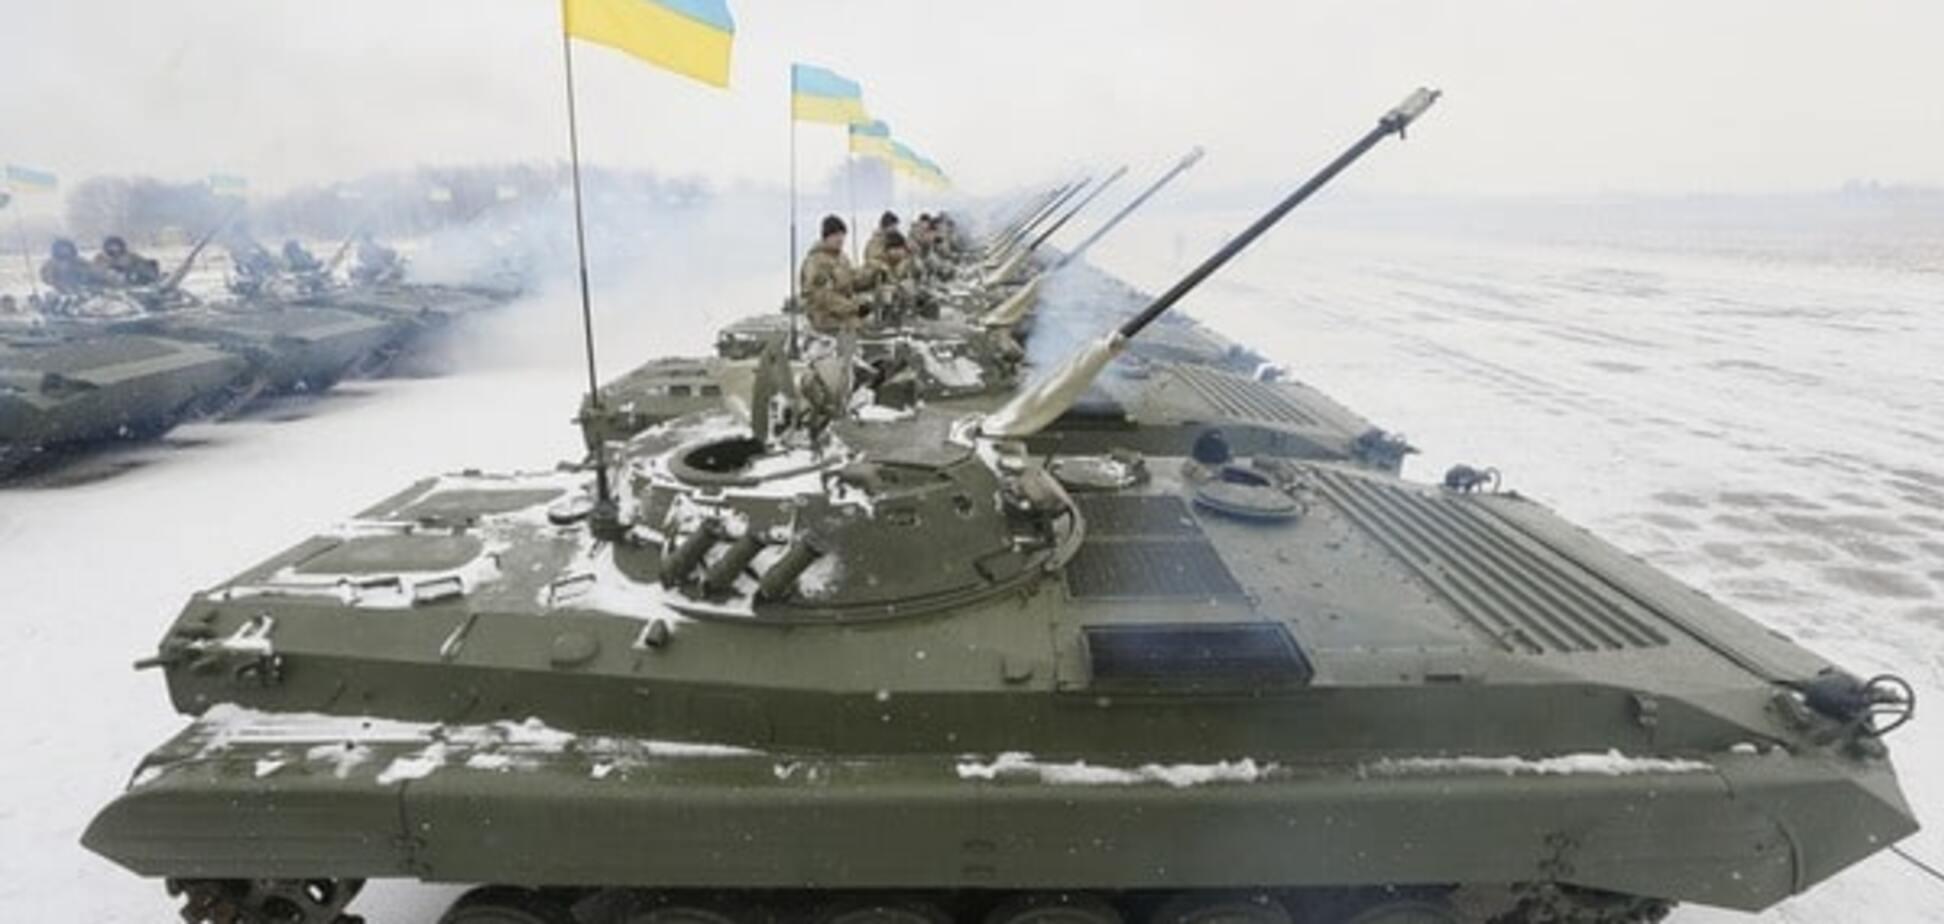 Надо брать: генерал рассказал о летальном оружии и провокациях Путина